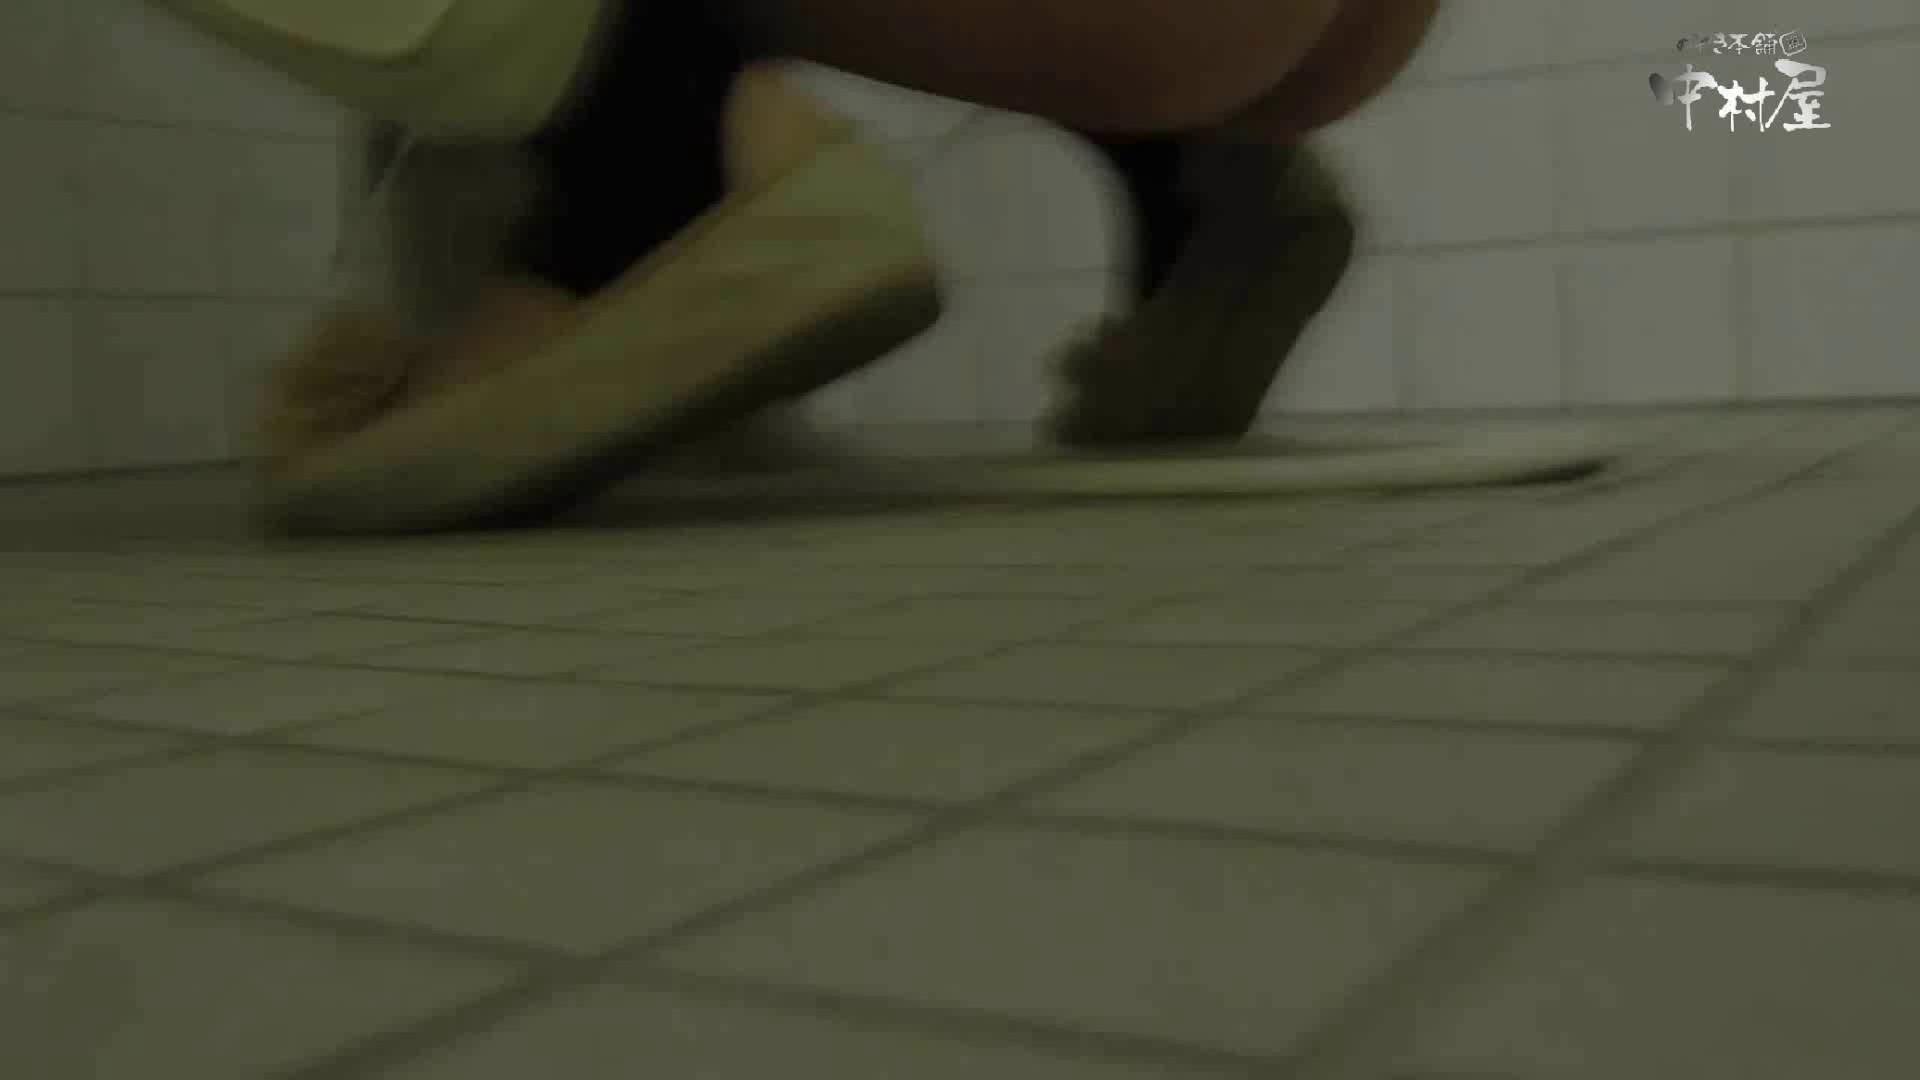 無料アダルト動画:魂のかわや盗撮62連発! 中腰で発射! 55発目!:のぞき本舗 中村屋